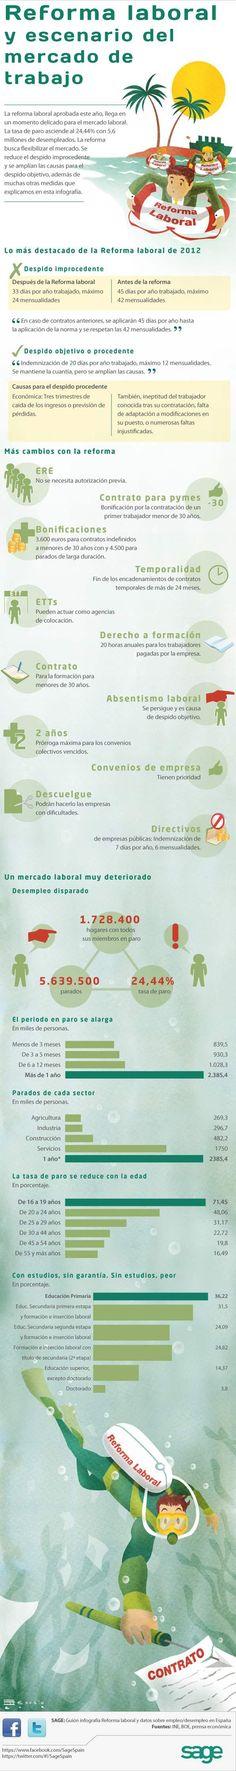 La reforma laboral en España en 2012